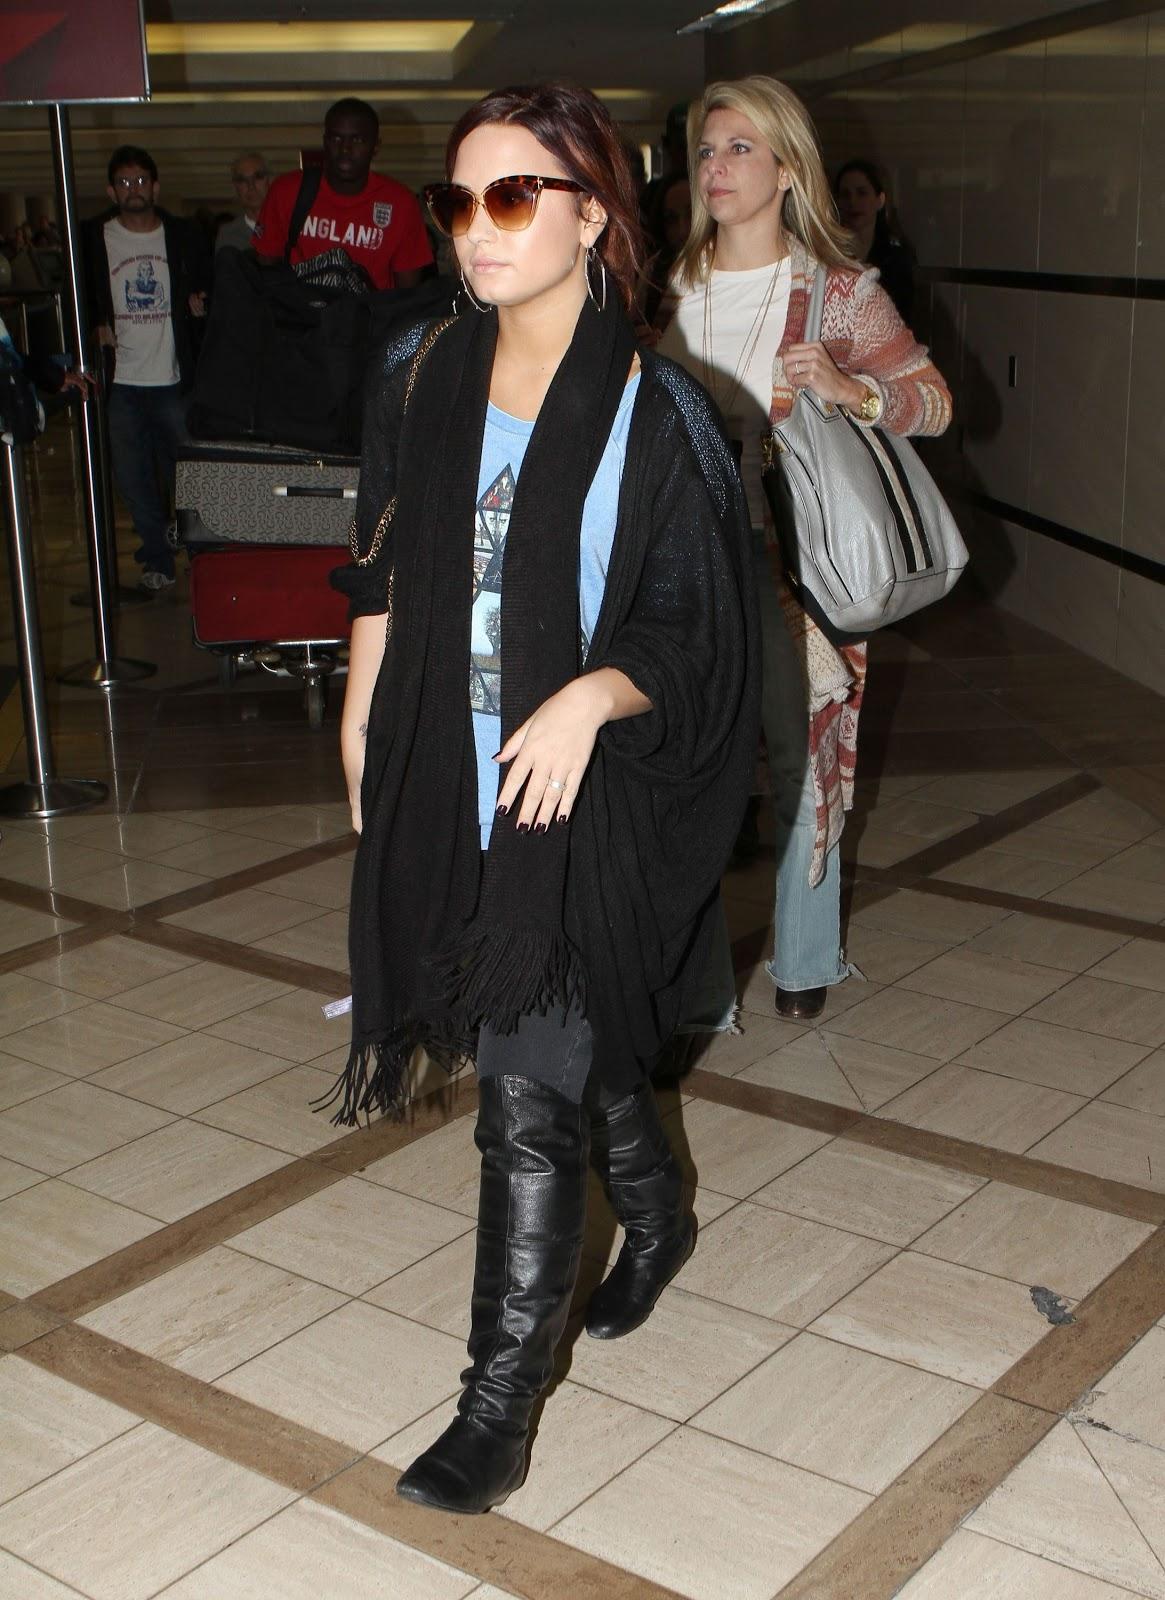 http://2.bp.blogspot.com/-hwzkR75JANY/Tv8S75g1A_I/AAAAAAAAQwQ/M8ImUh_nvRw/s1600/CU-Demi+Lovato+arrives+at+LAX-10.JPG